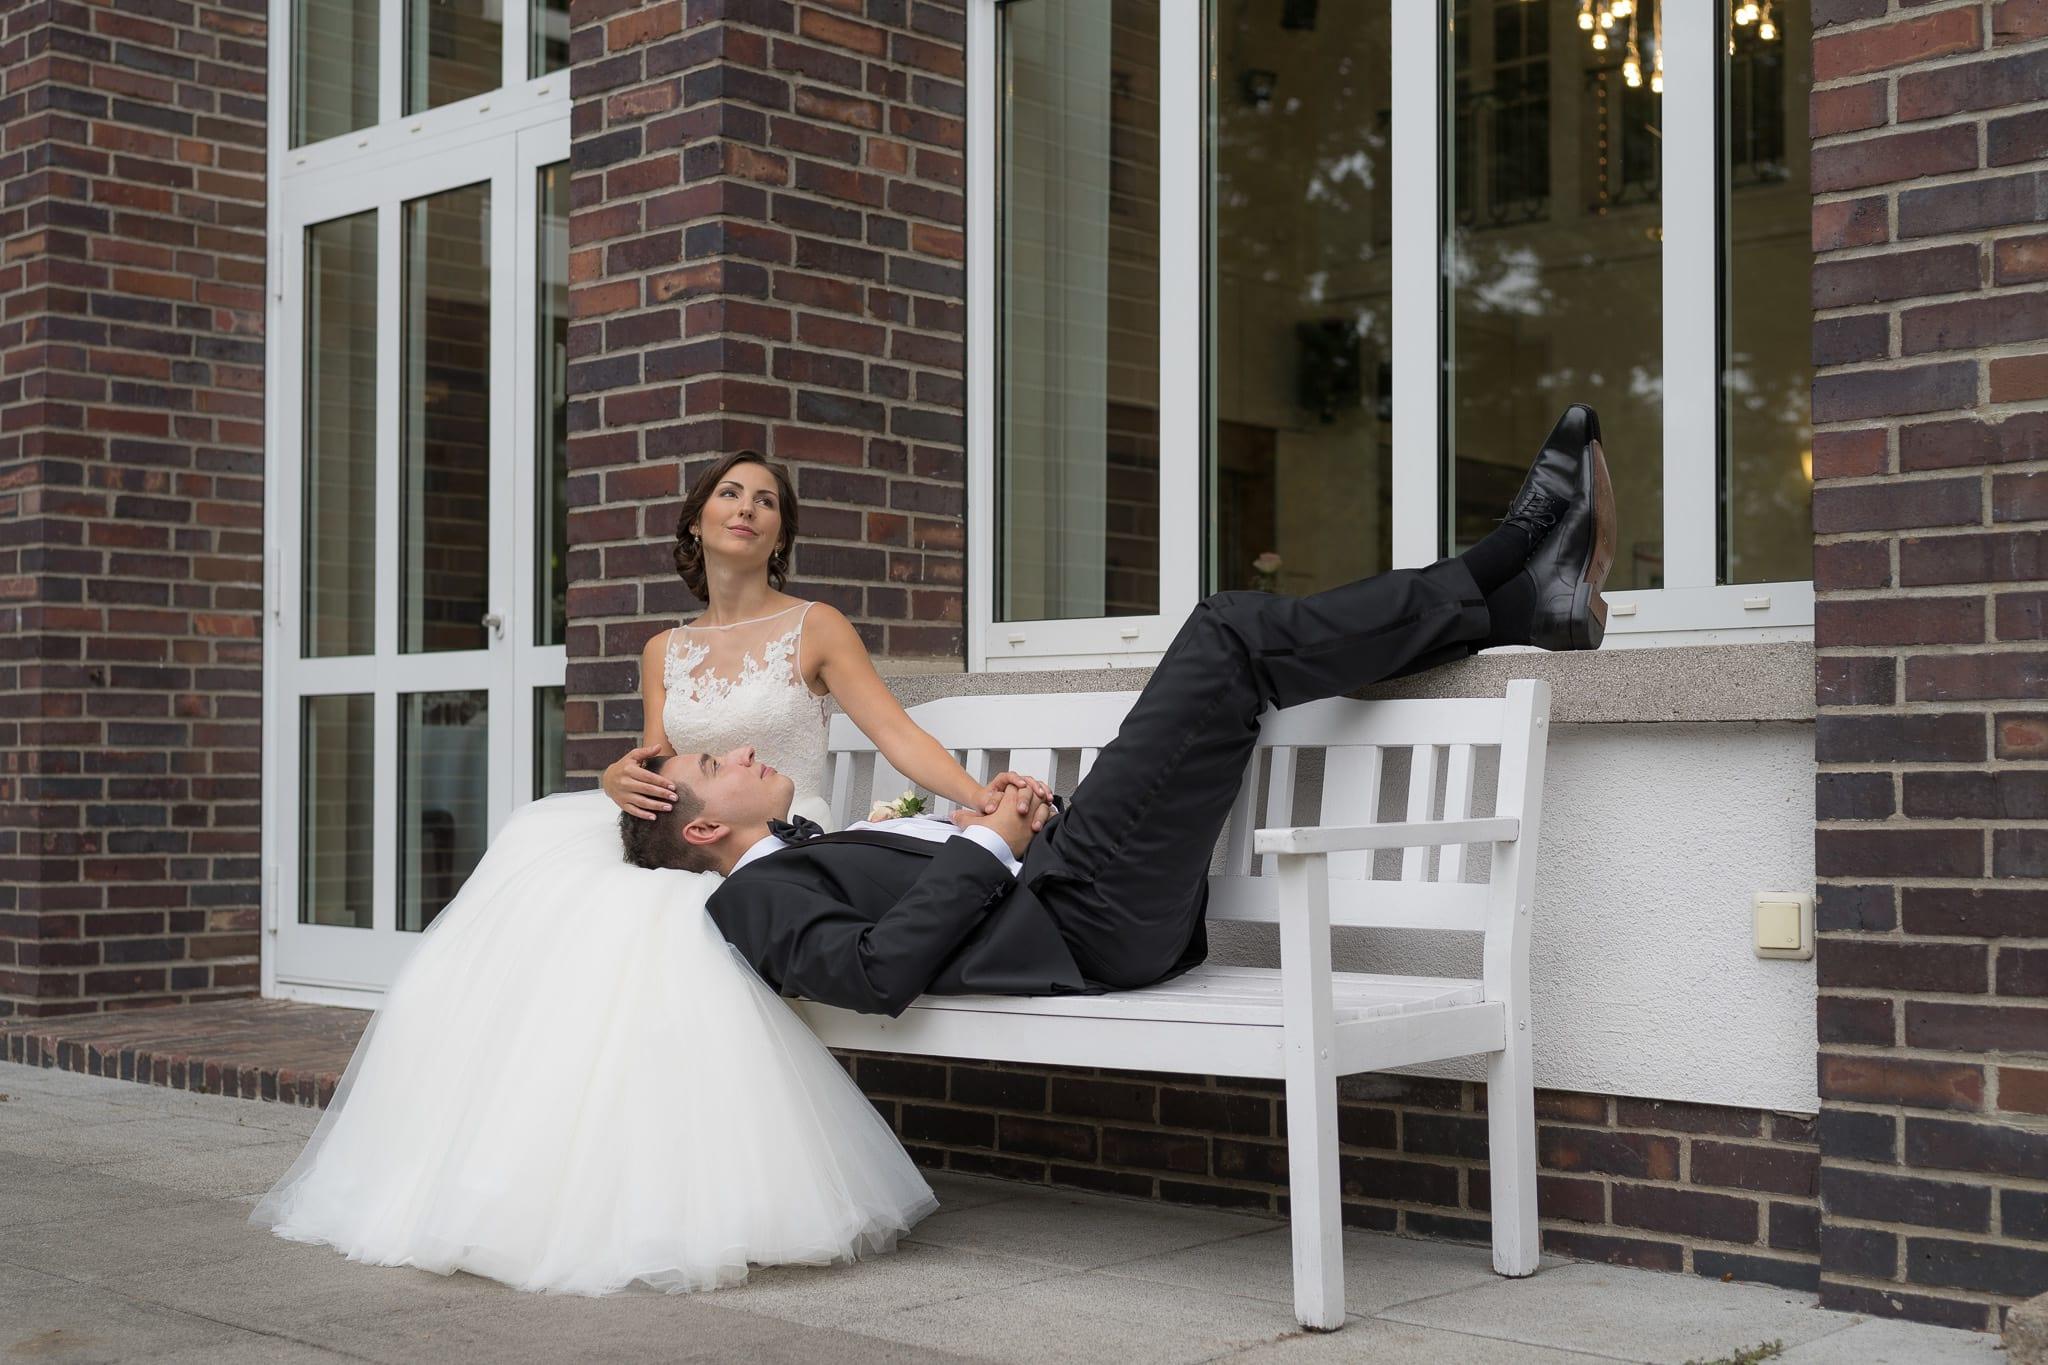 Brautpaar entspannt auf Bank vor Festsaal